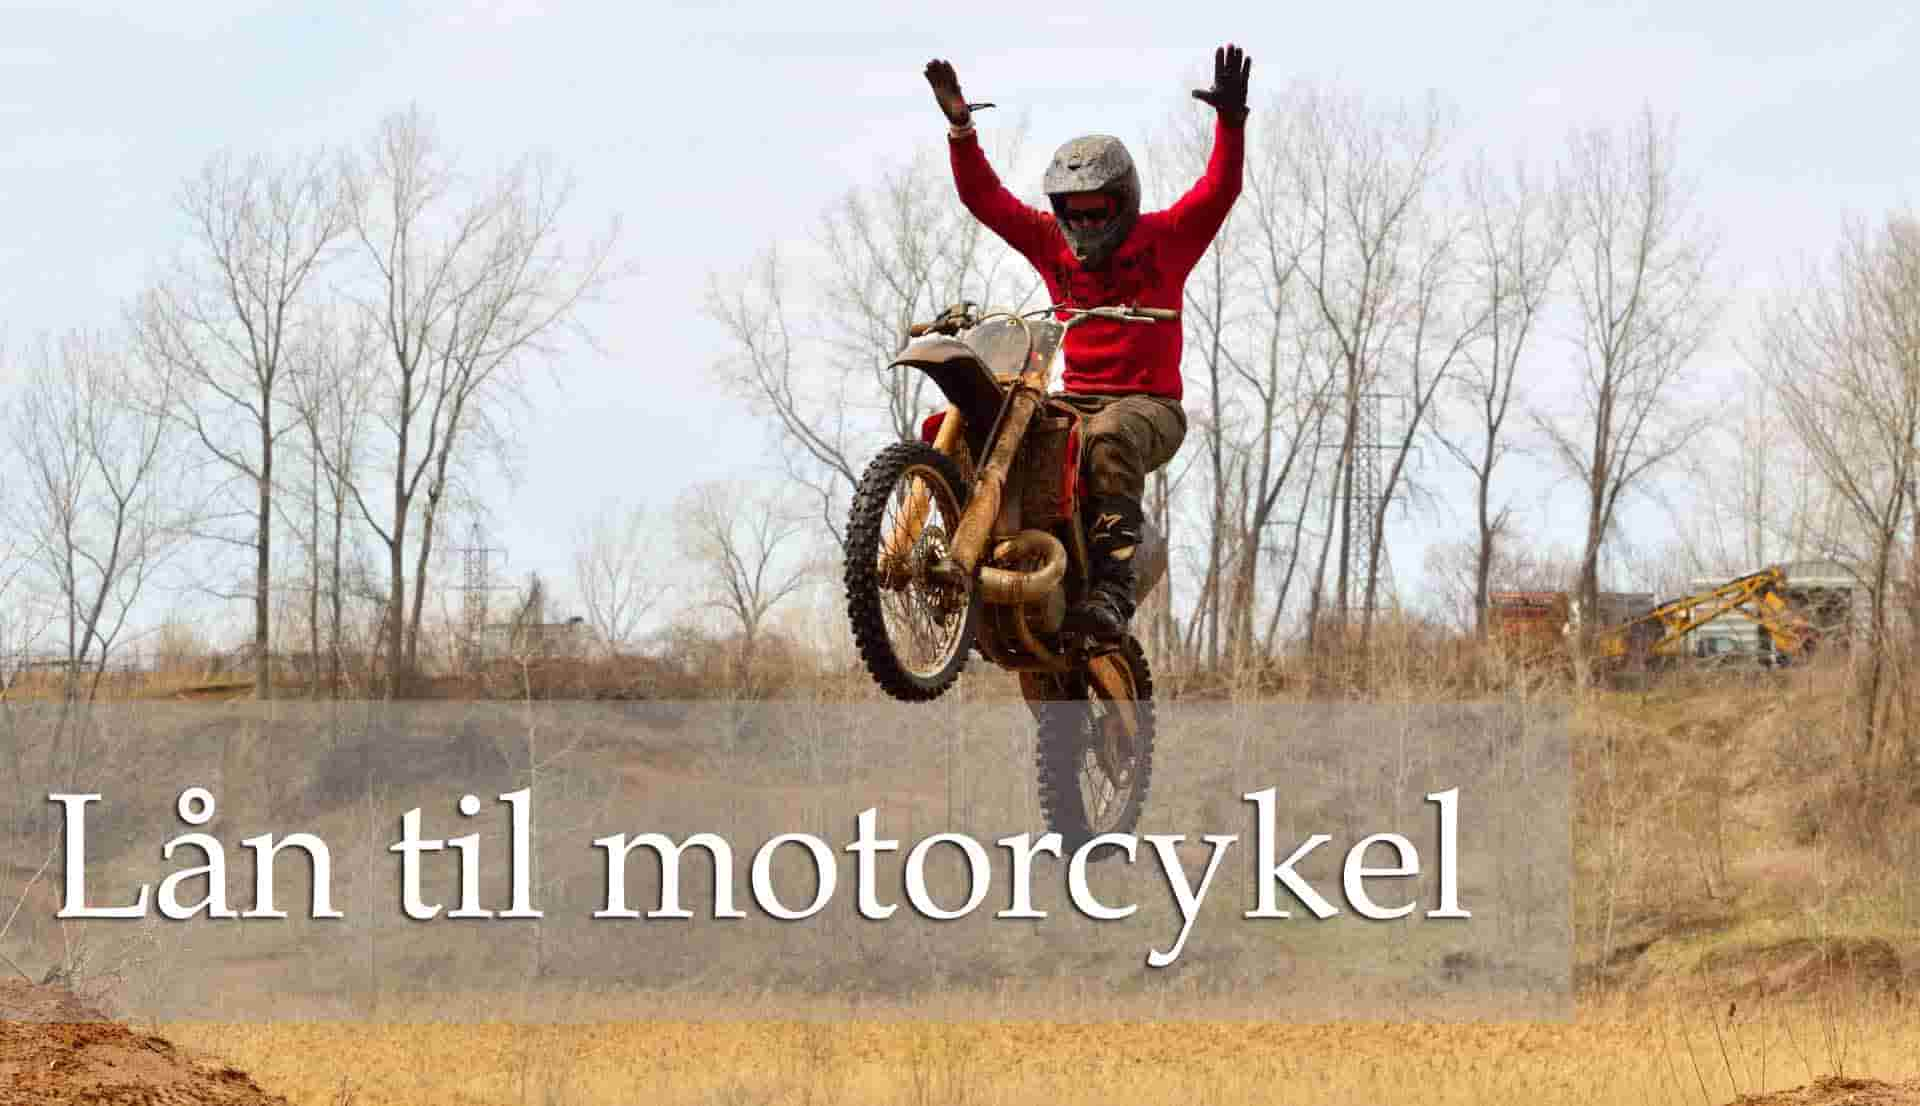 Lån til motorcykel